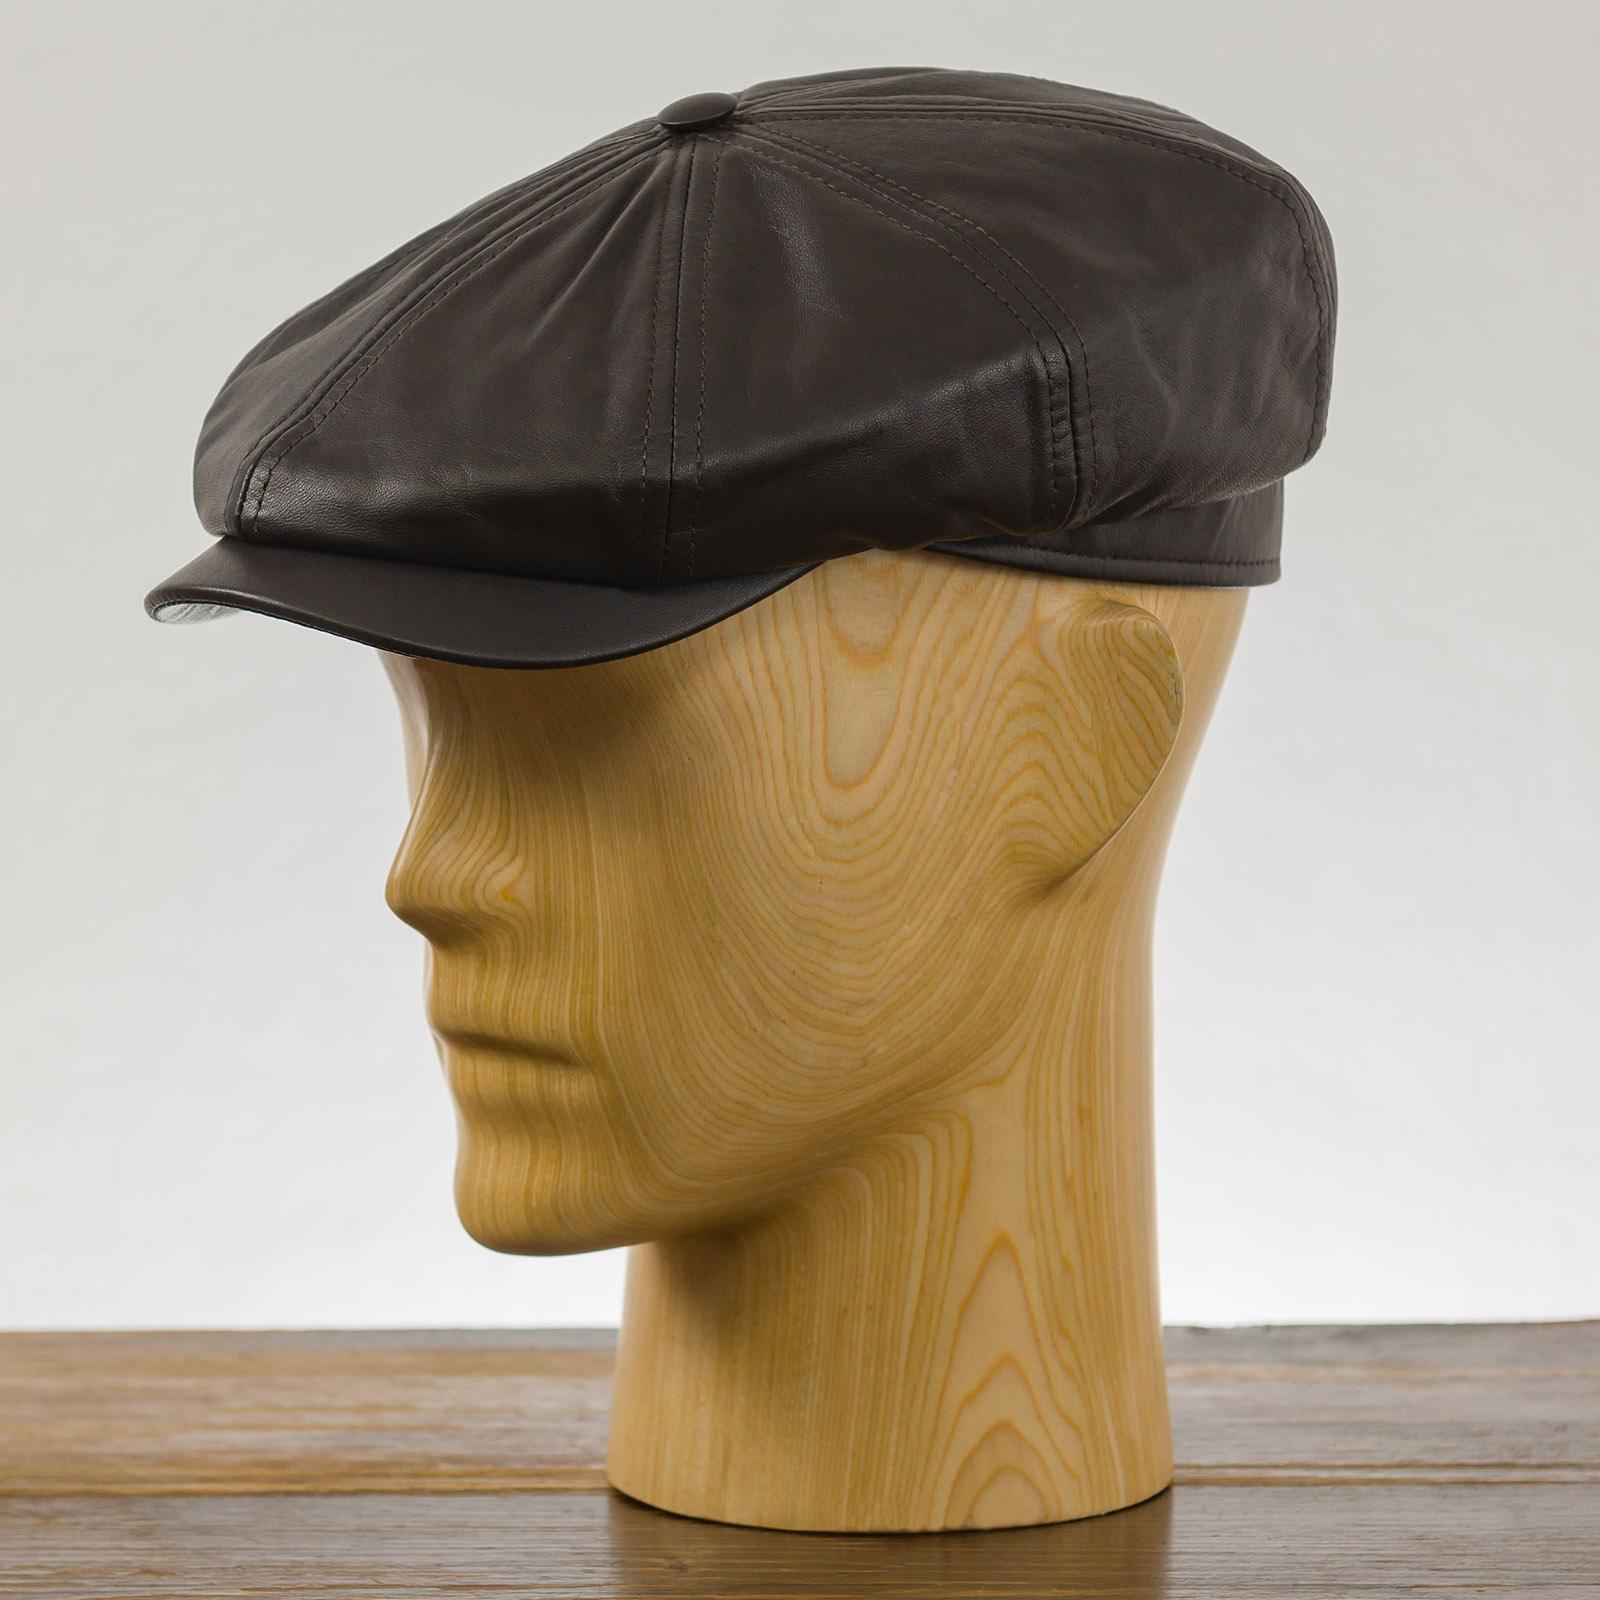 Malone - Schiebermütze, Ledermütze, mütze mit schirm, designer mütze